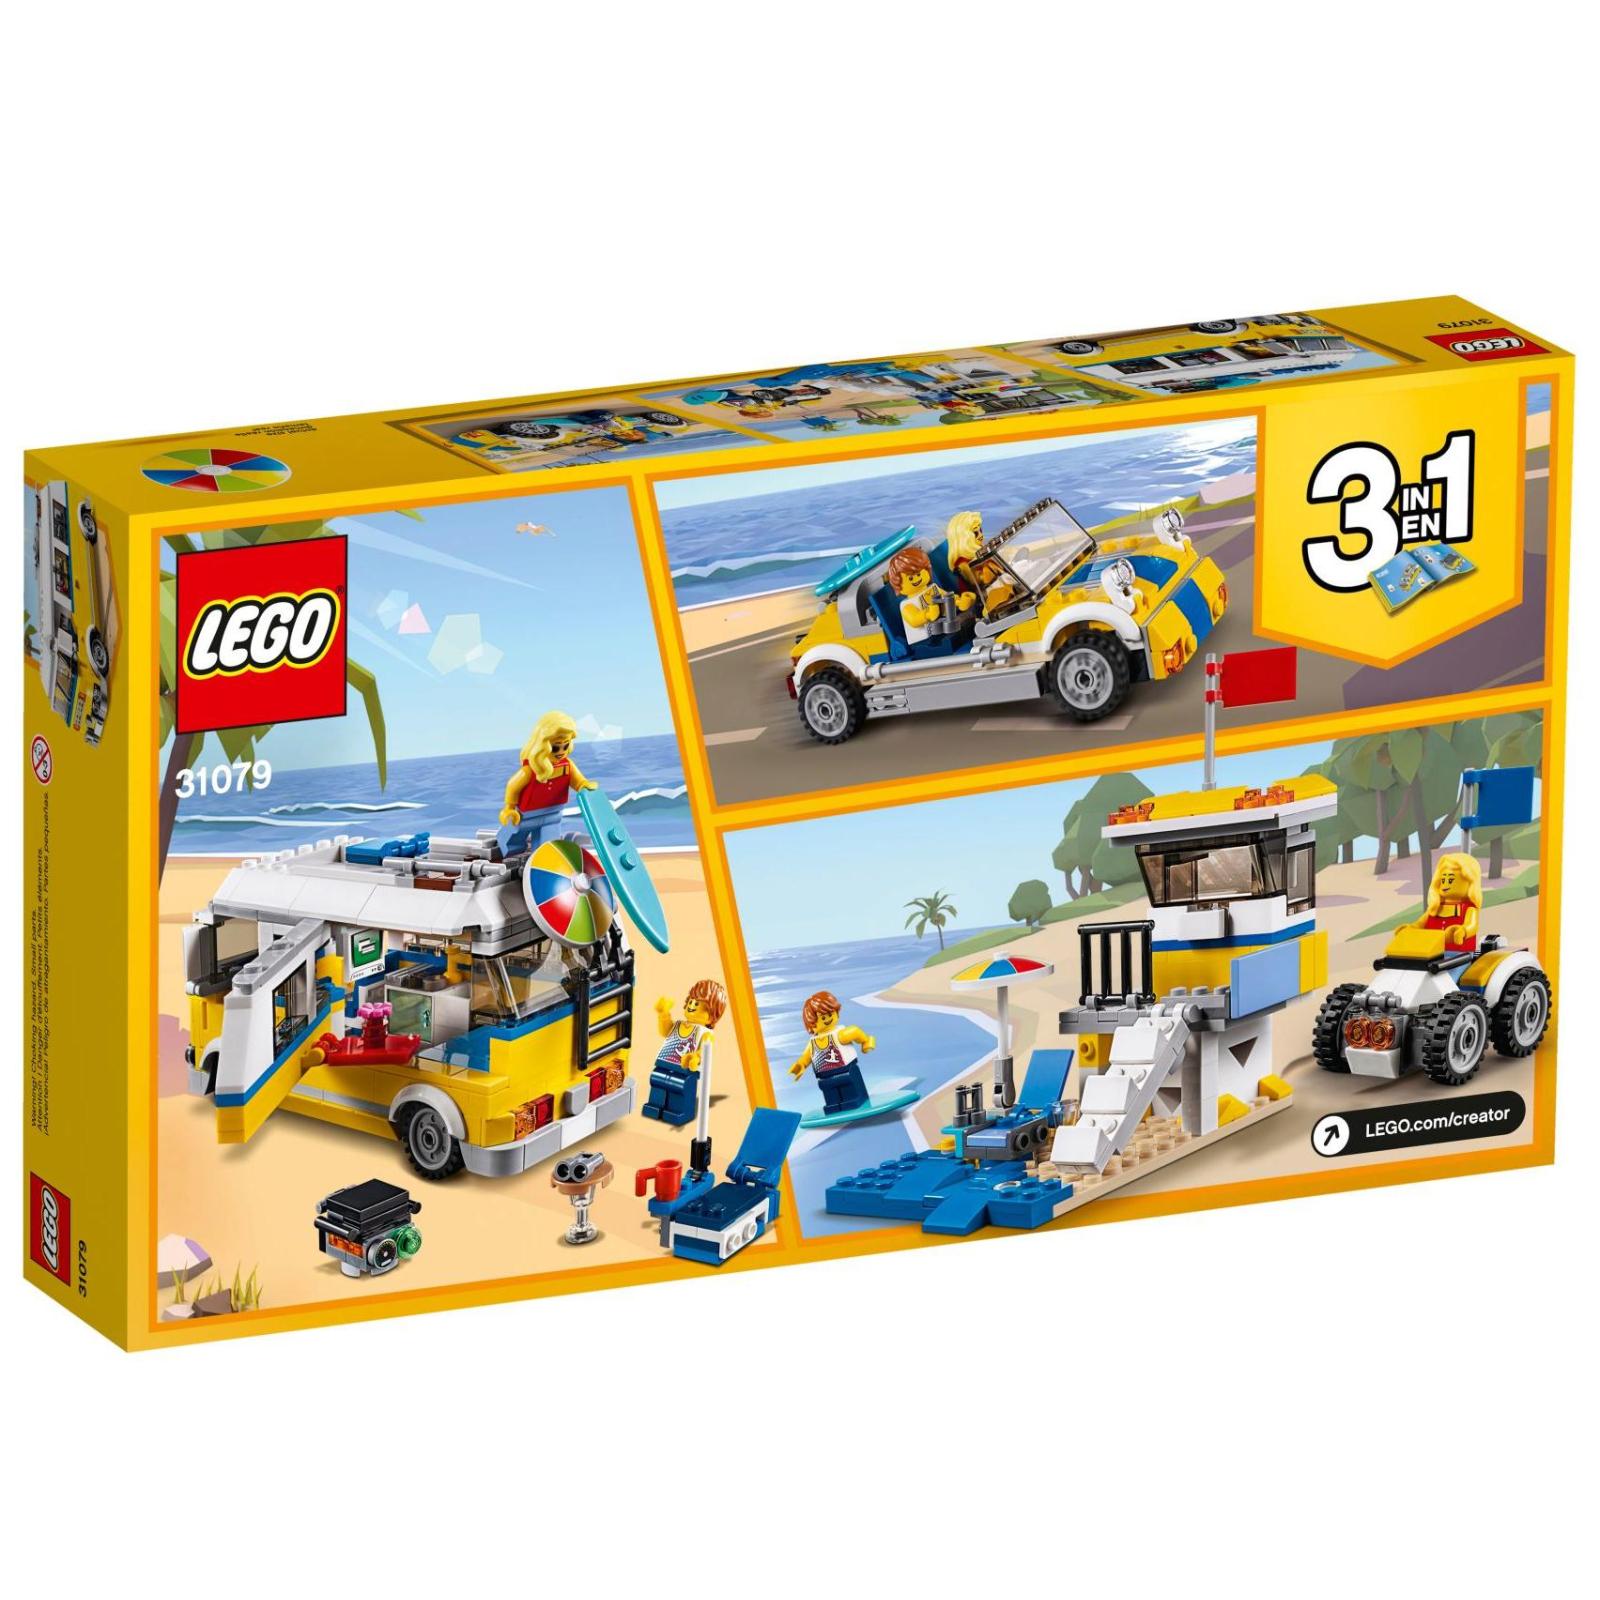 Конструктор LEGO Creator Солнечный фургон серфингиста (31079) изображение 12